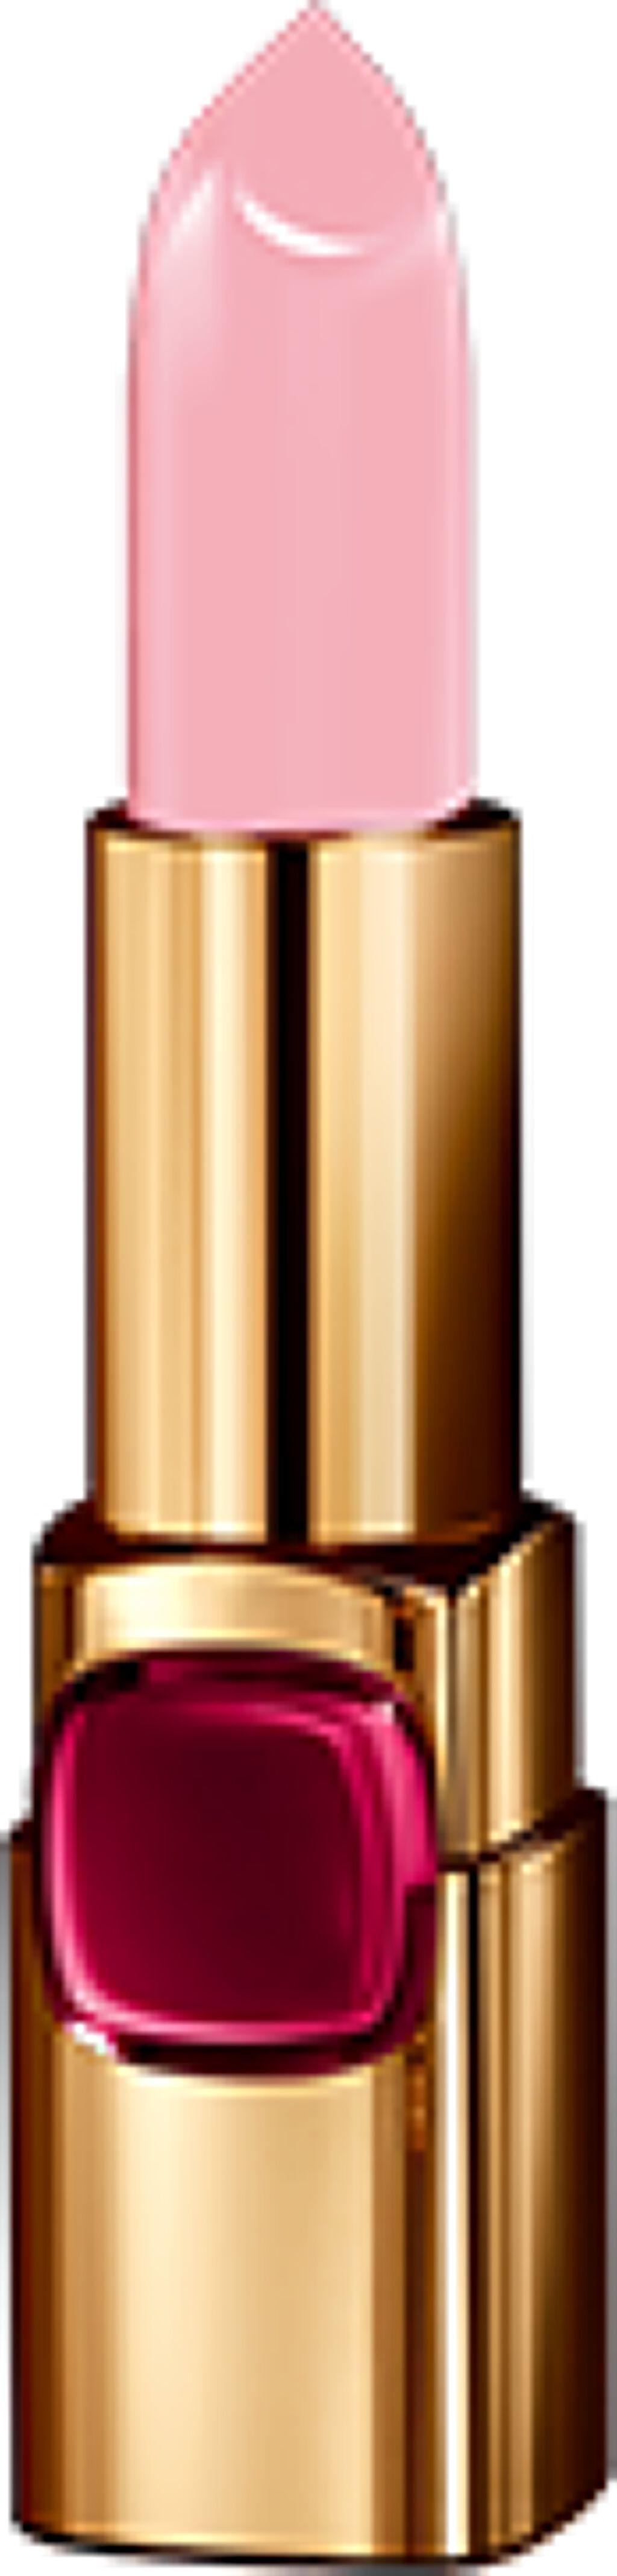 カラーリッシュ ルルージュ N601 ヌードゴールド